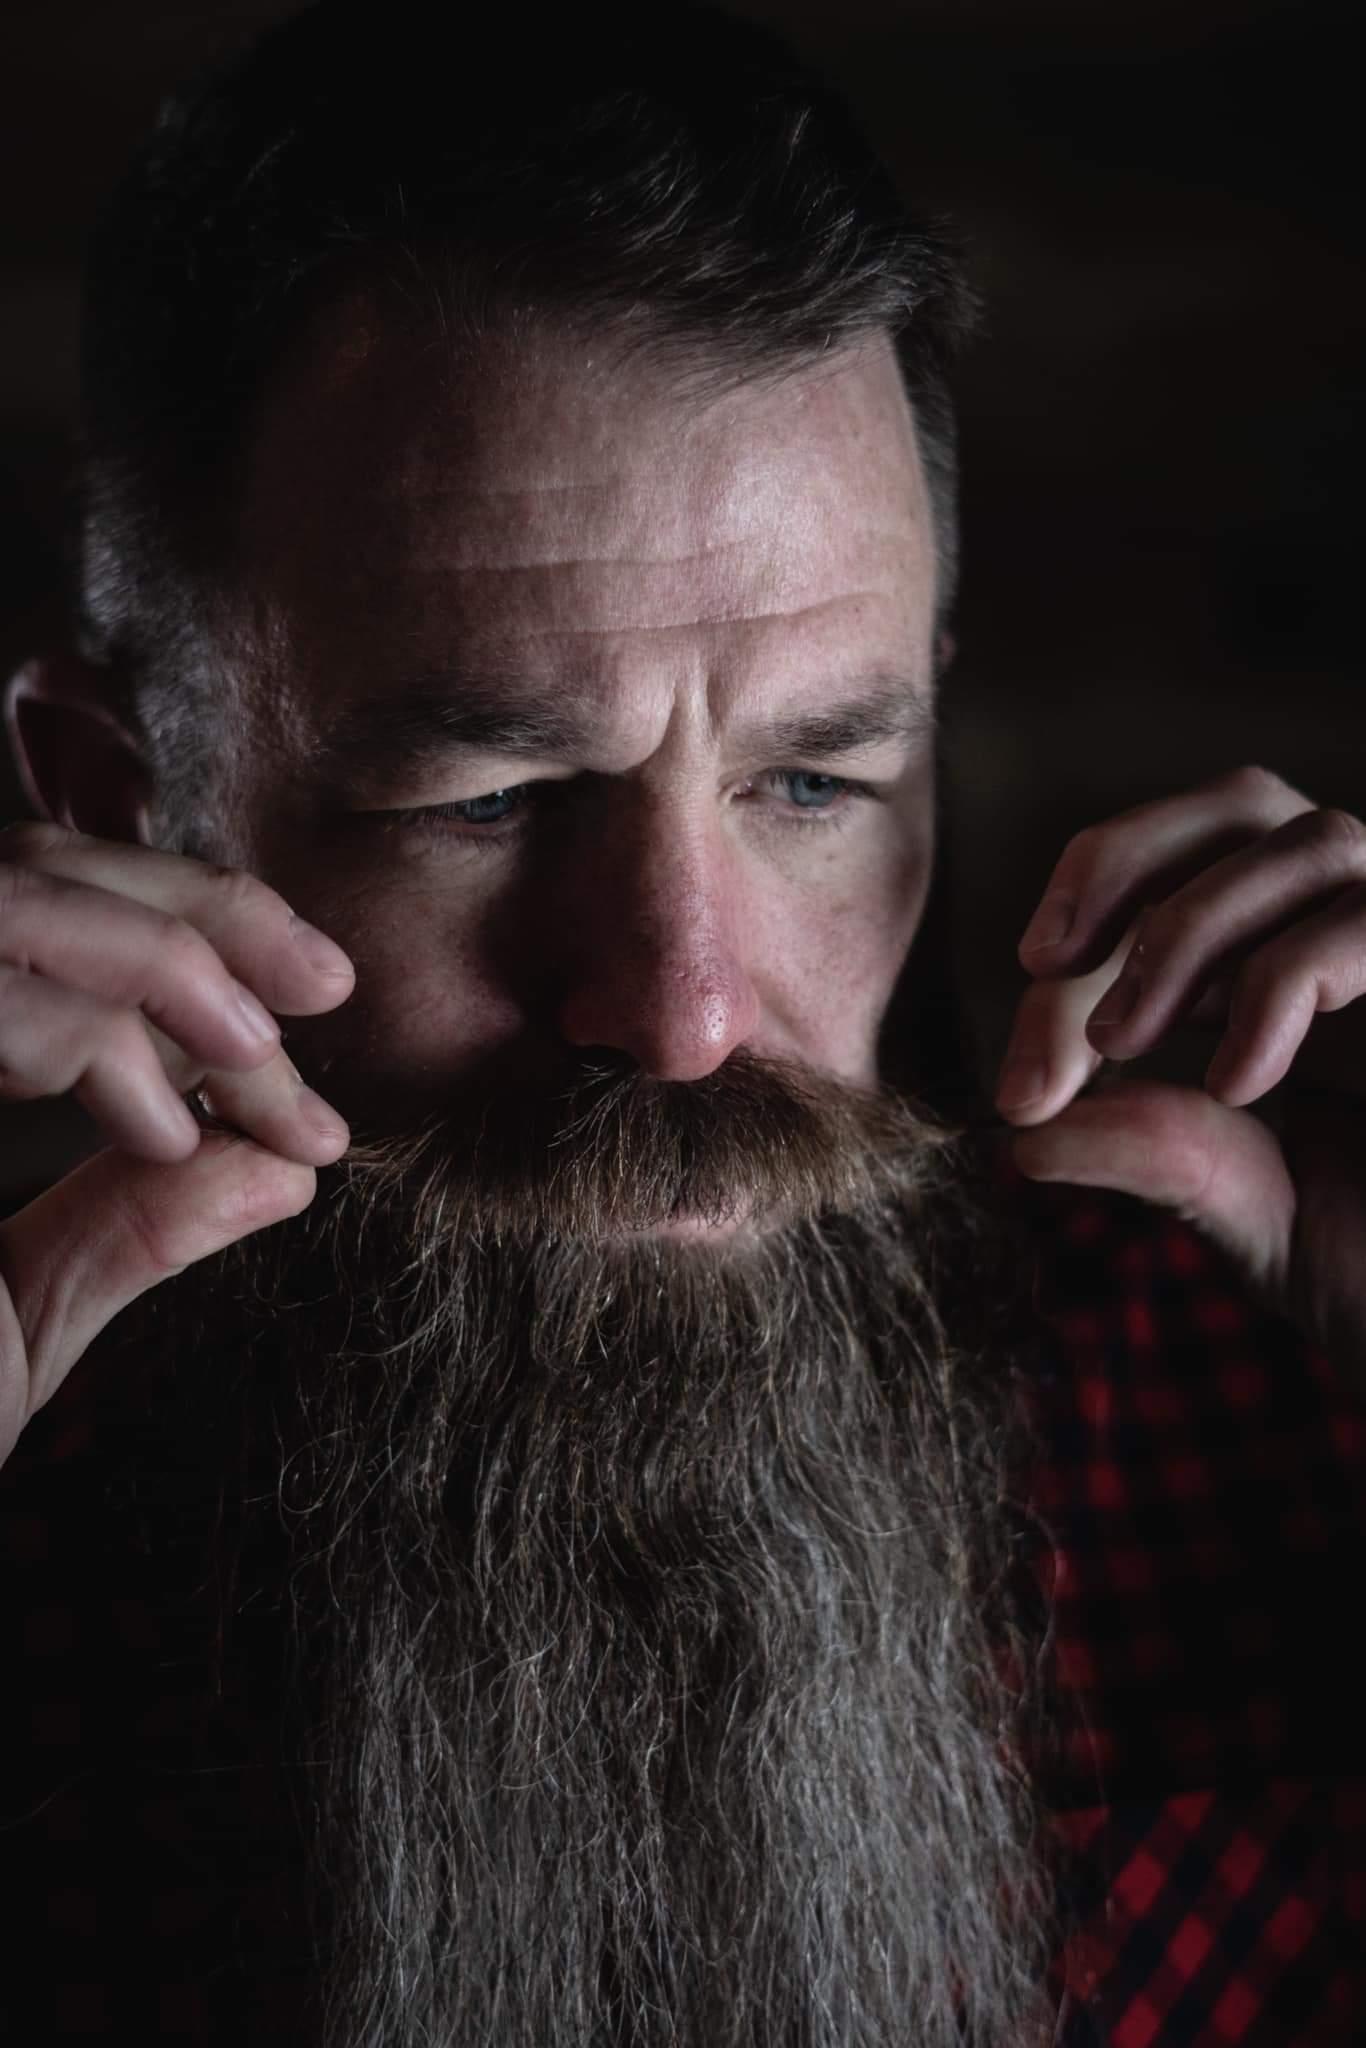 Donavan's beard is coming off – live on YouTube!